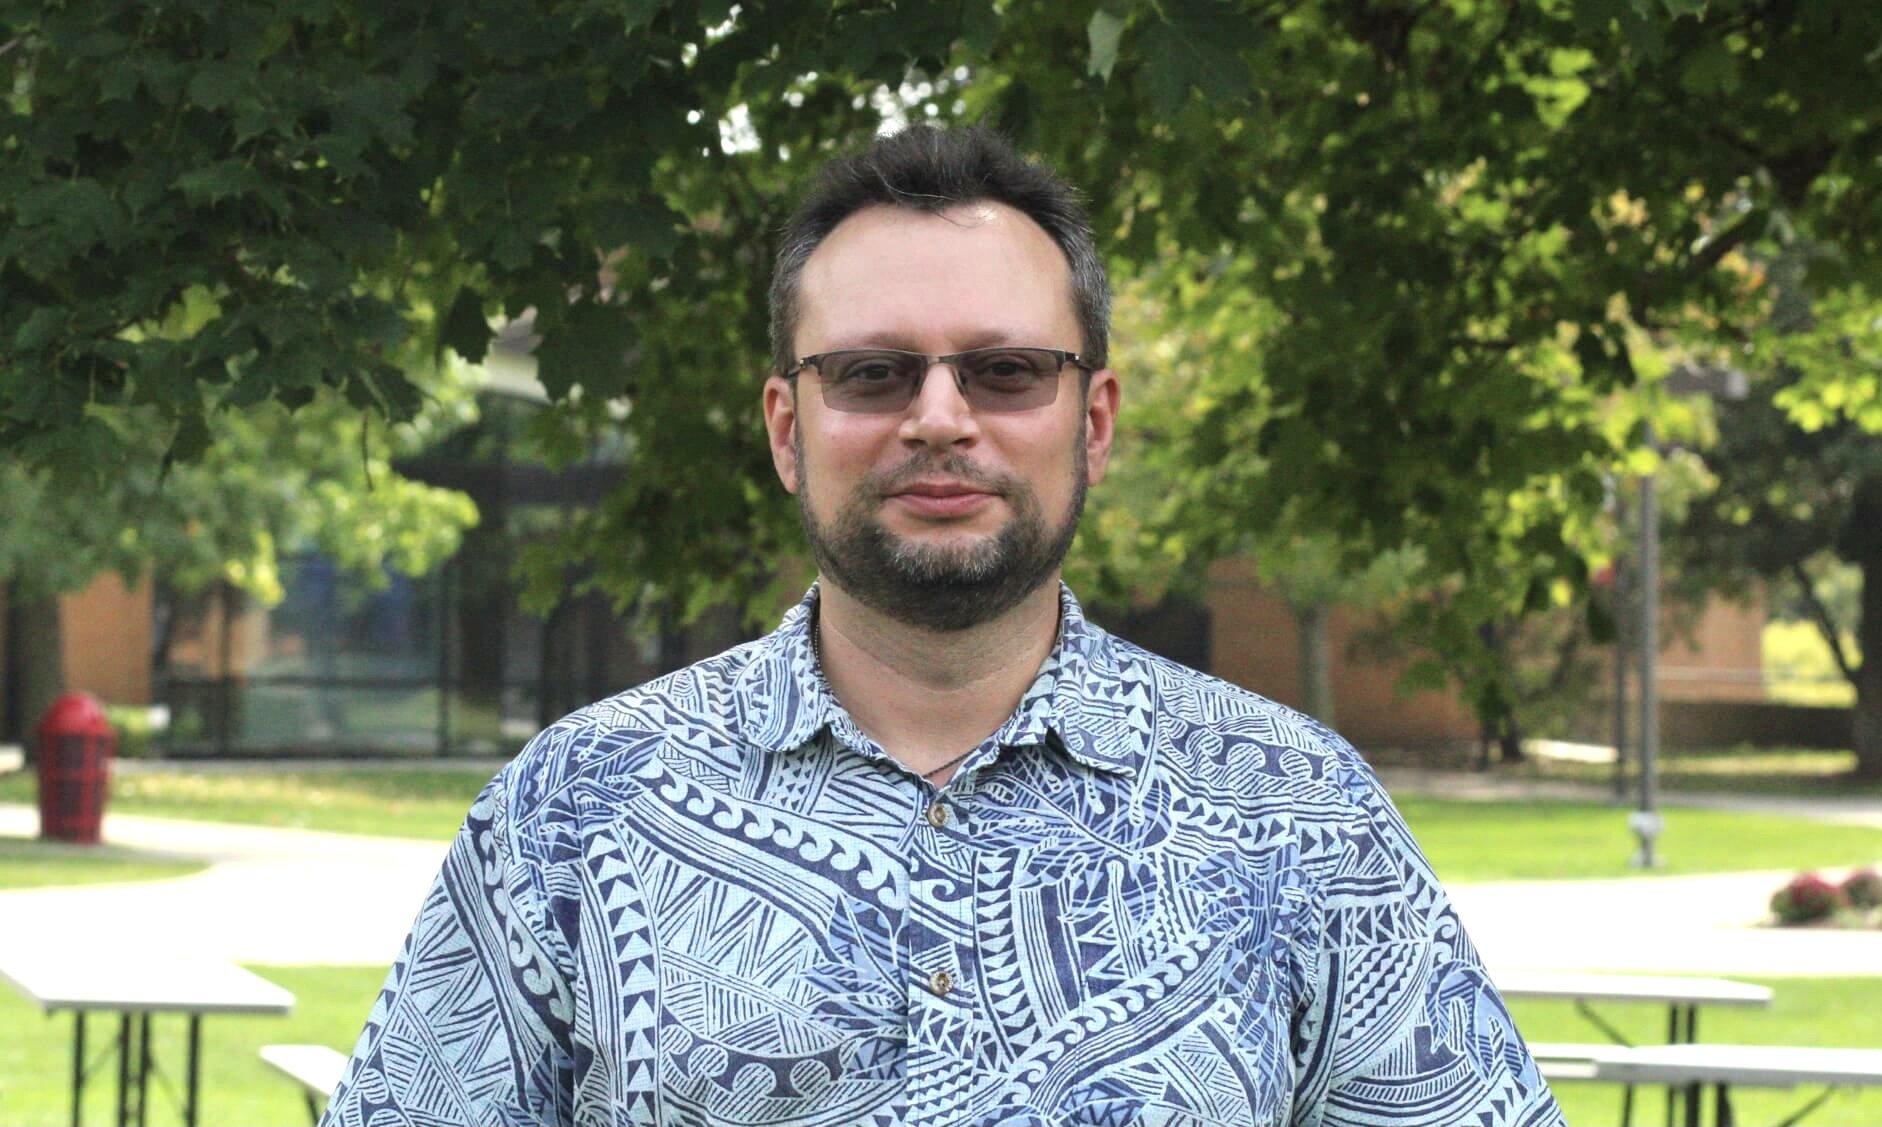 Oleg Ivanets